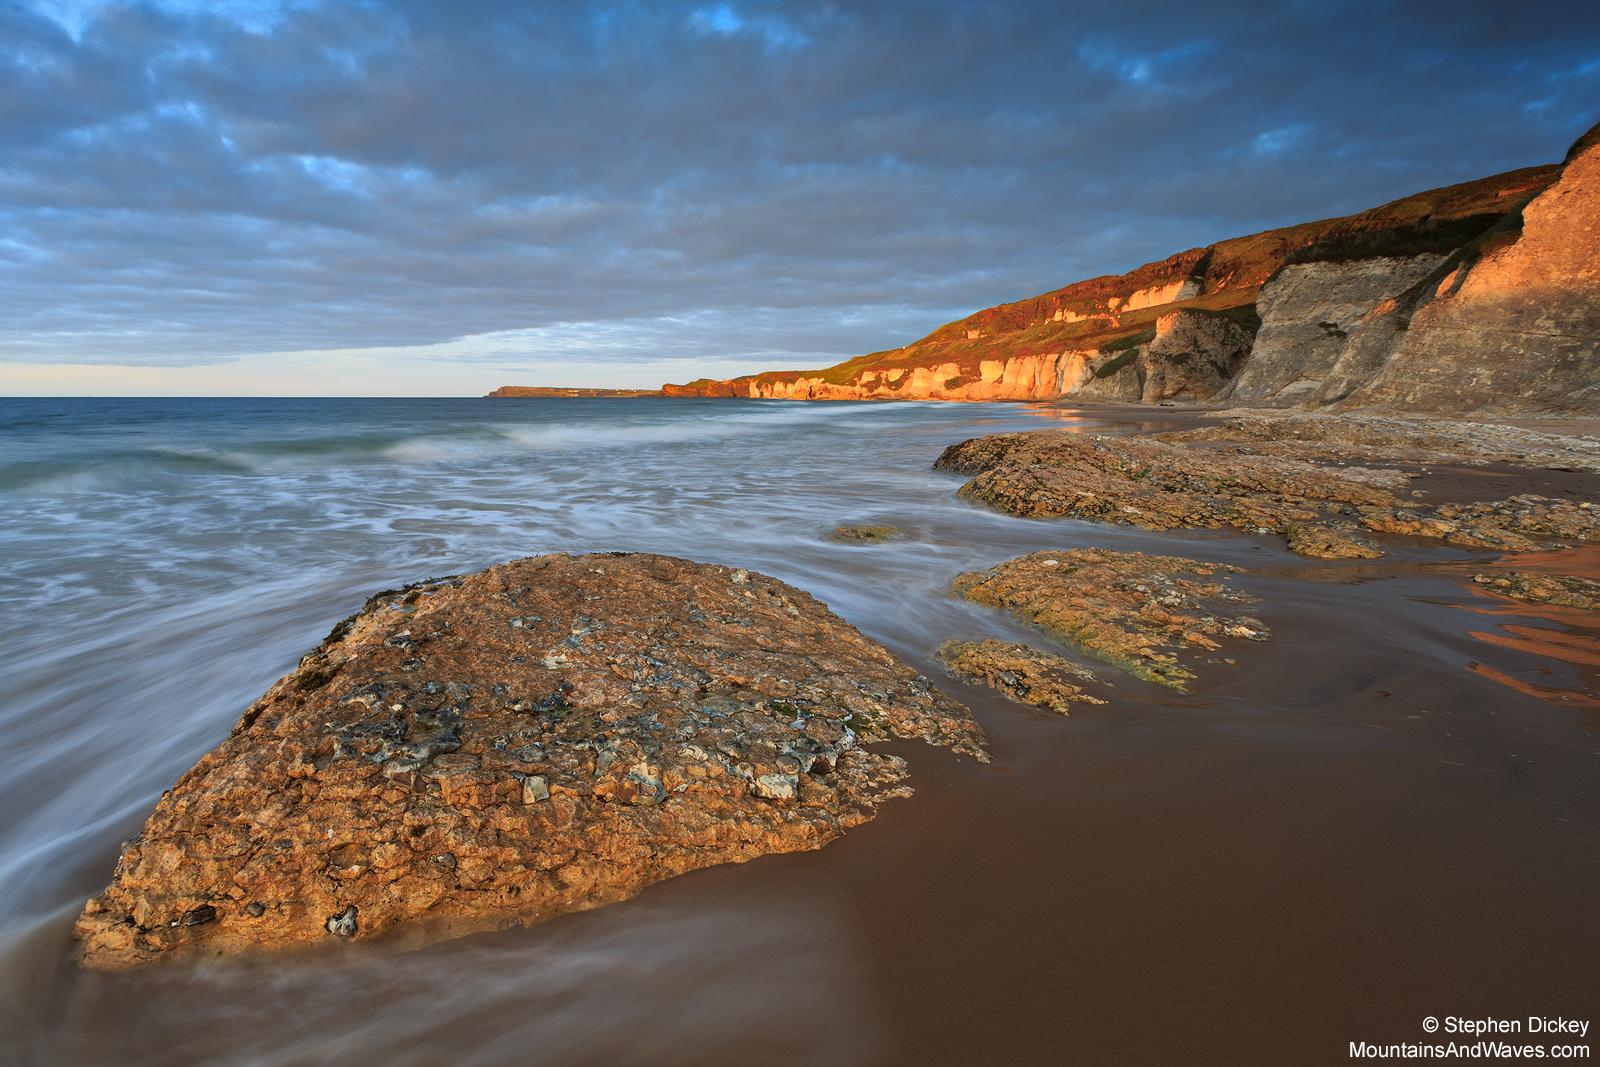 Whiterocks-Beach-Golden-Cliffs-Northern-Ireland-Landscape-Photography.jpg